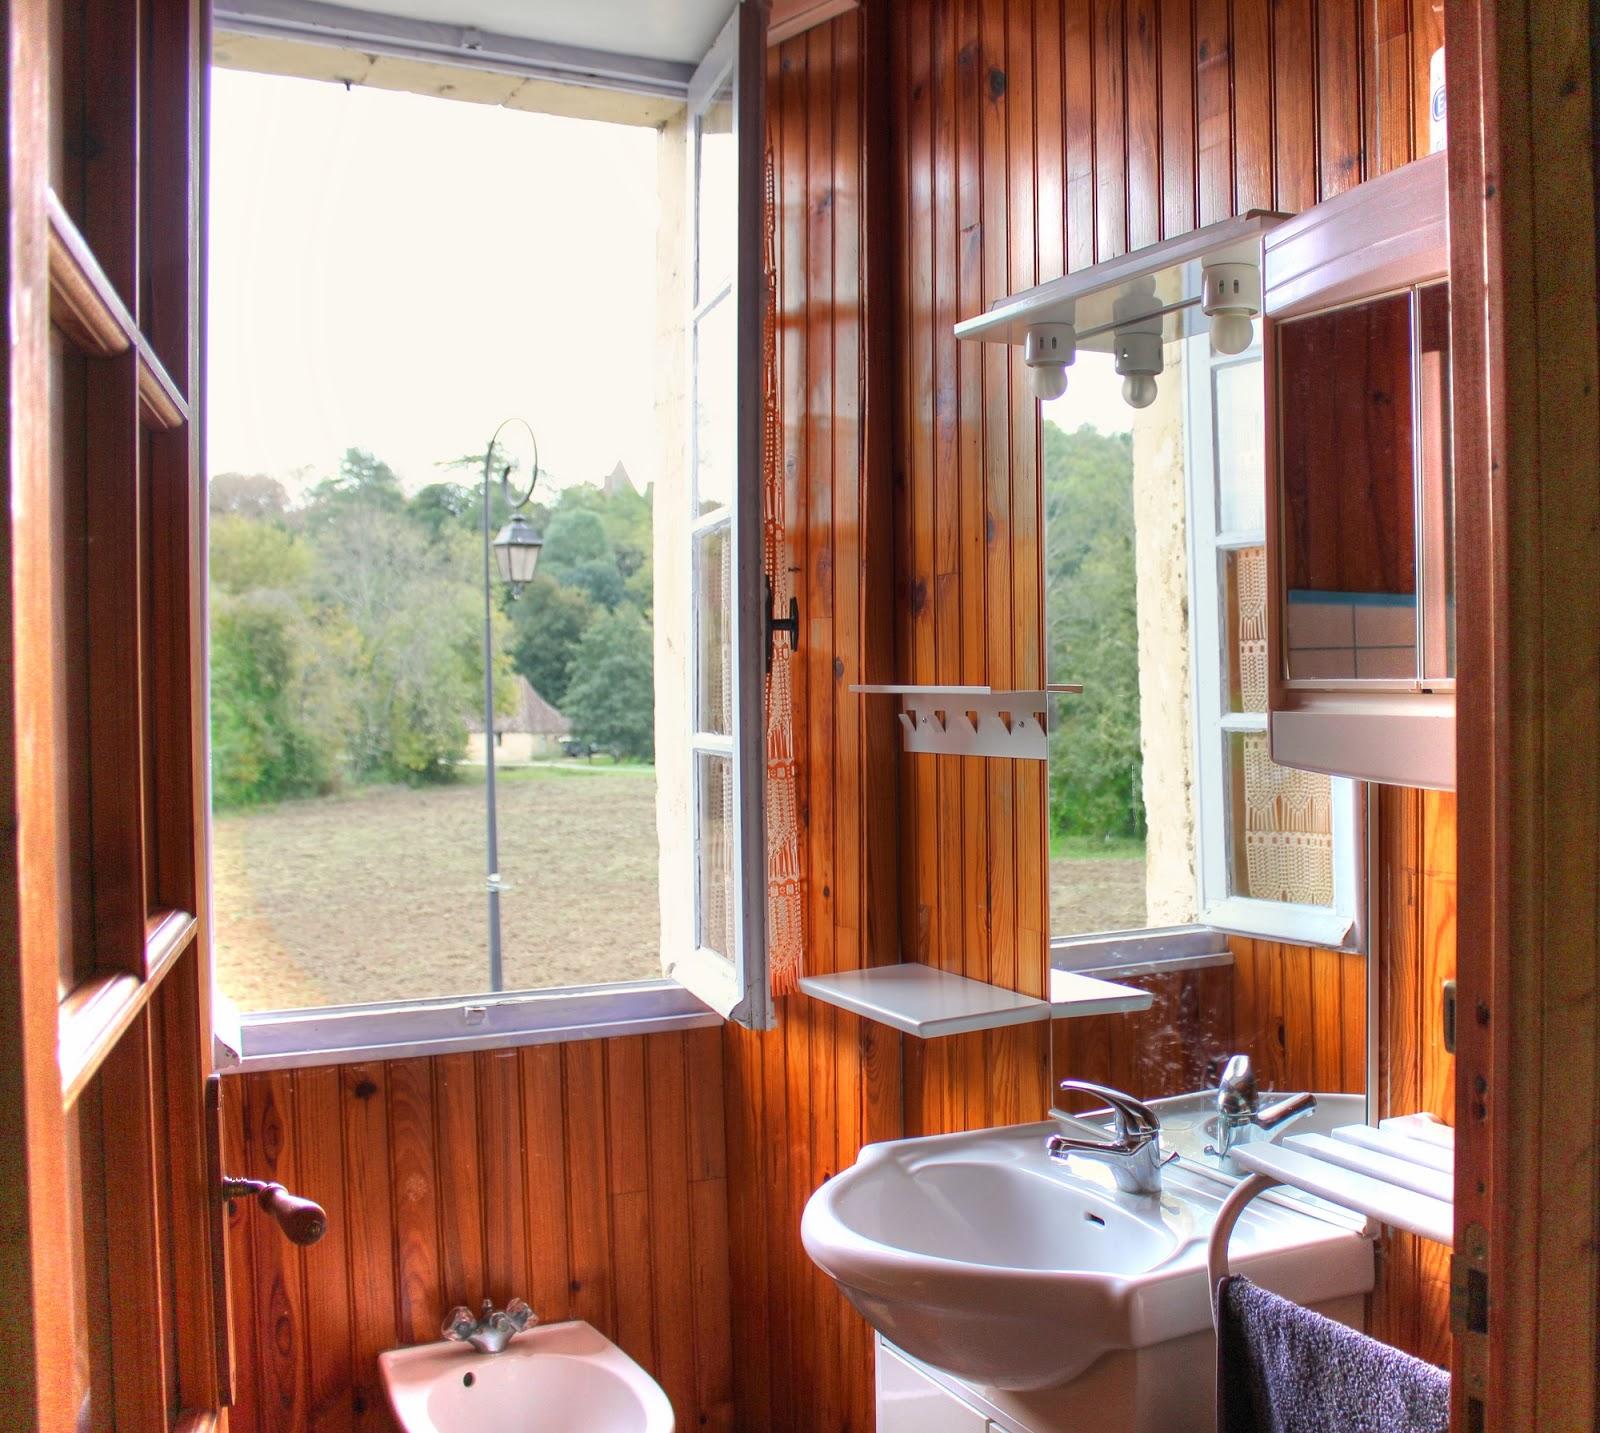 Notre maison vendre en dordogne photos for Salle de bain 7 5 m2